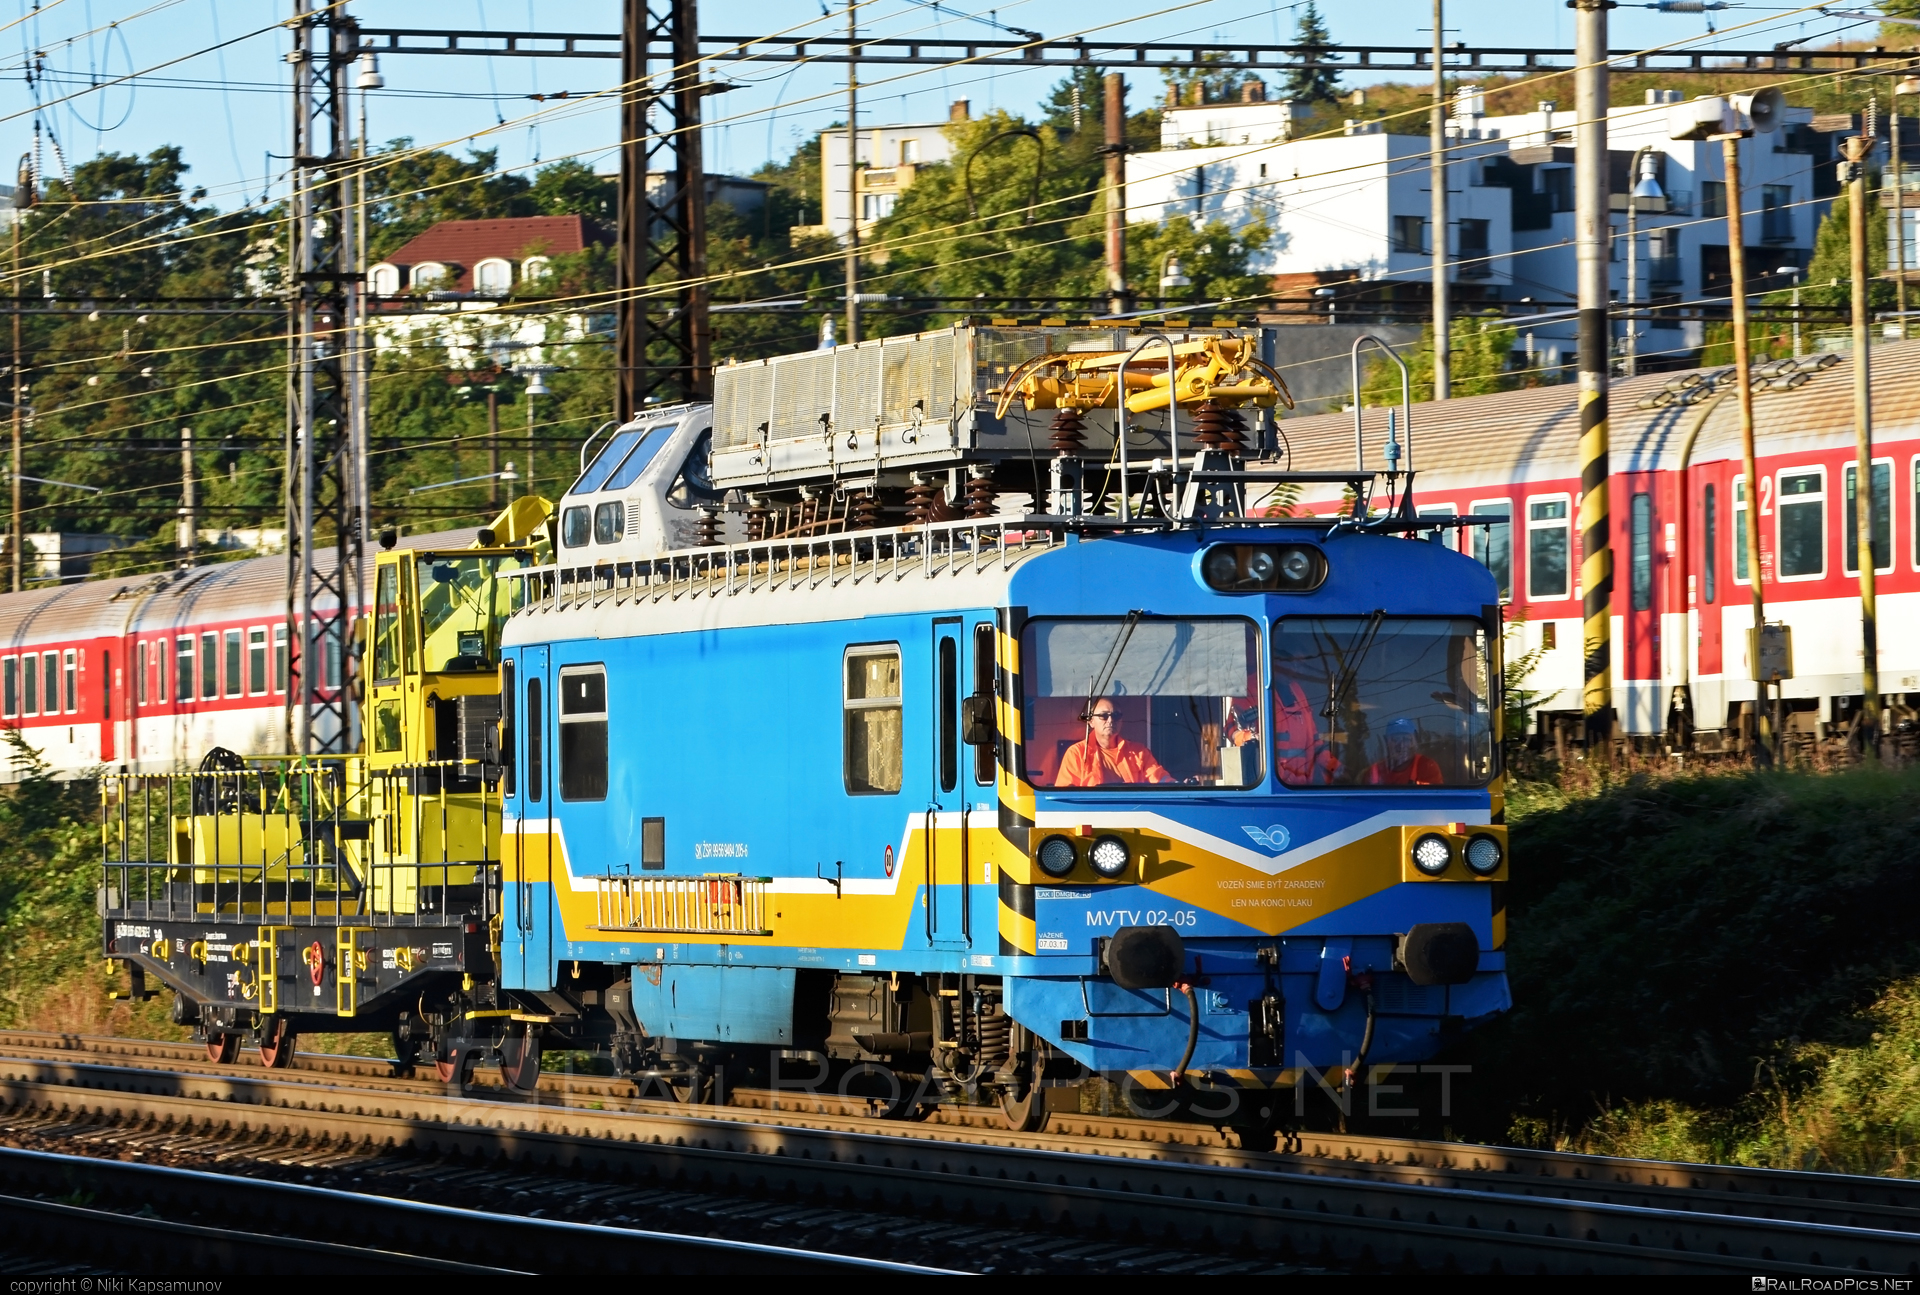 Vagónka Studénka MVTV 02 - MVTV 02-05 operated by Železnice Slovenskej Republiky #locomotivemvtv #mvtv02 #mvtv2 #vagonkastudenka #zelezniceslovenskejrepubliky #zsr